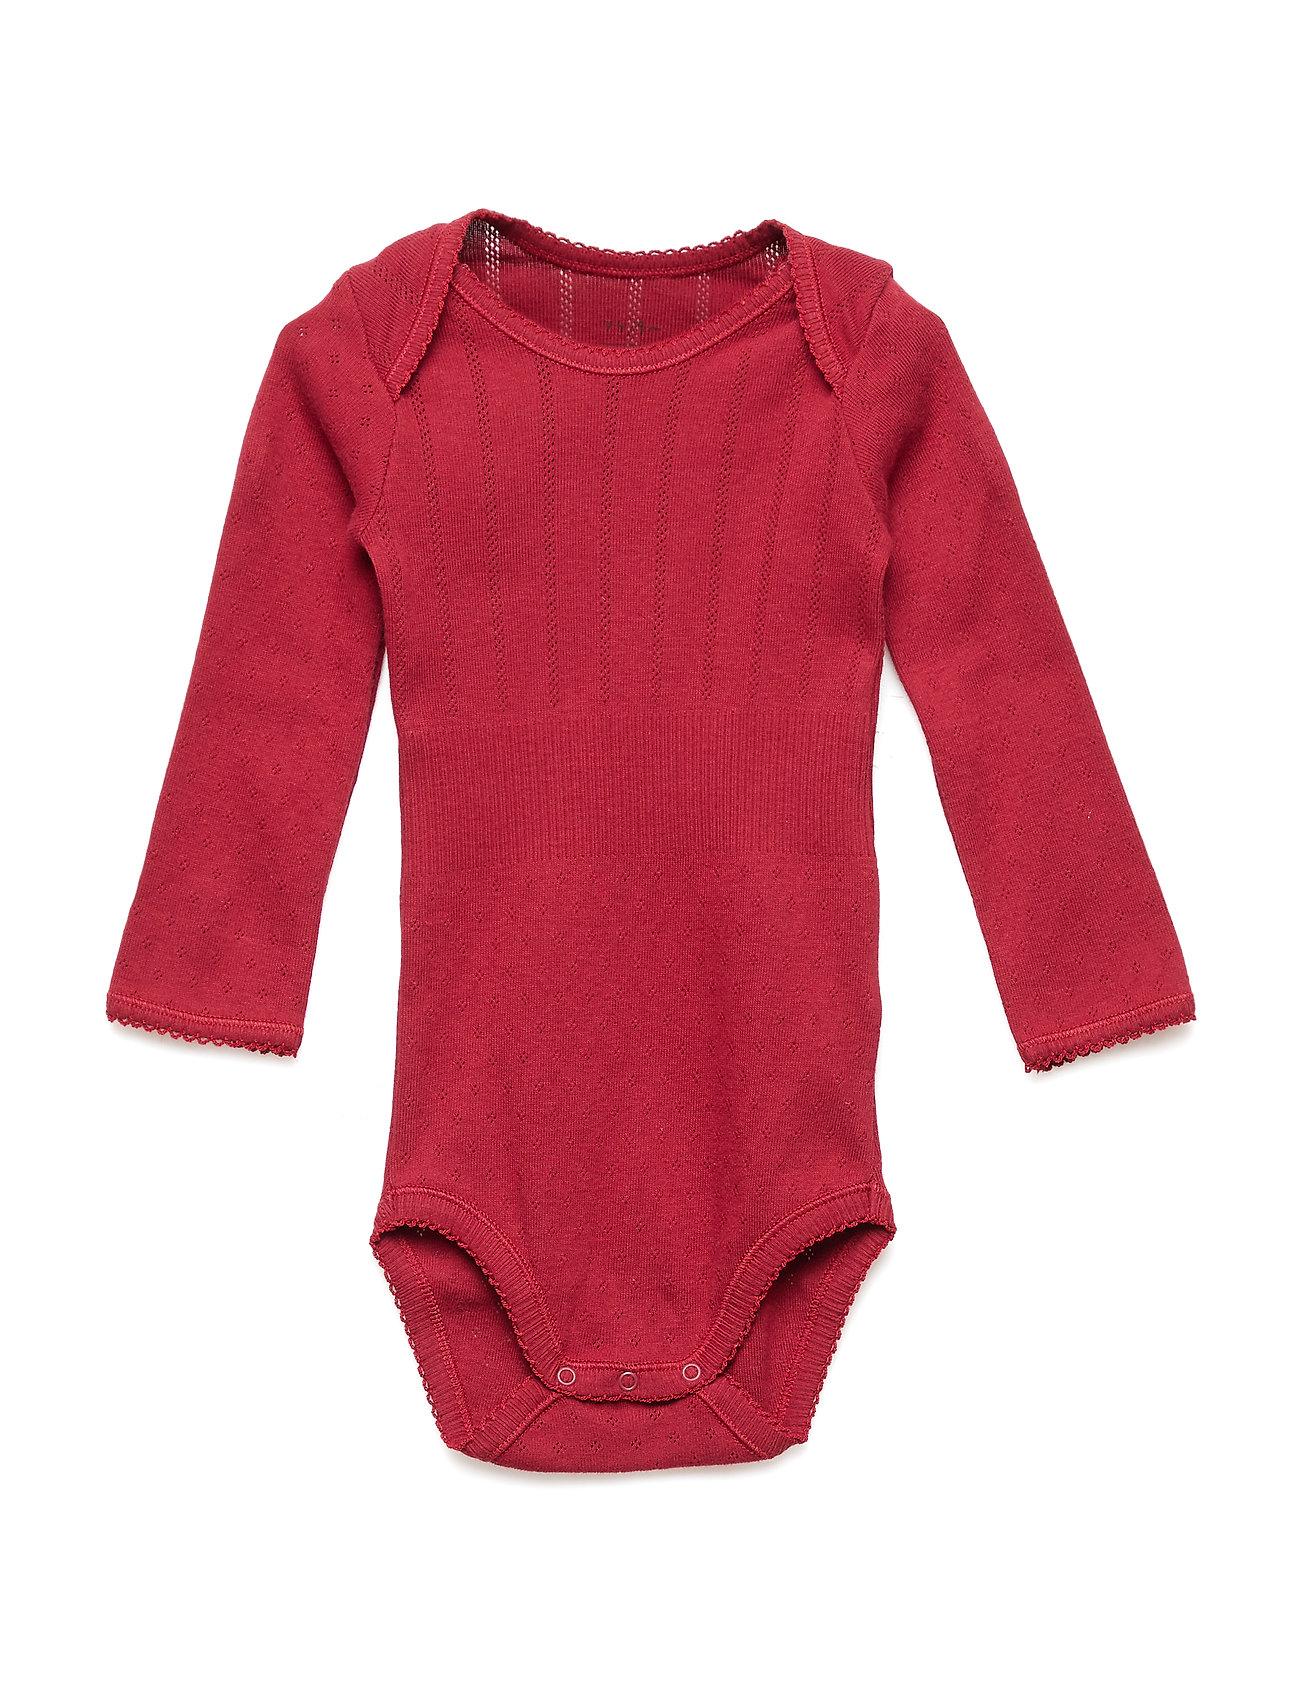 Noa Noa Miniature Baby Body